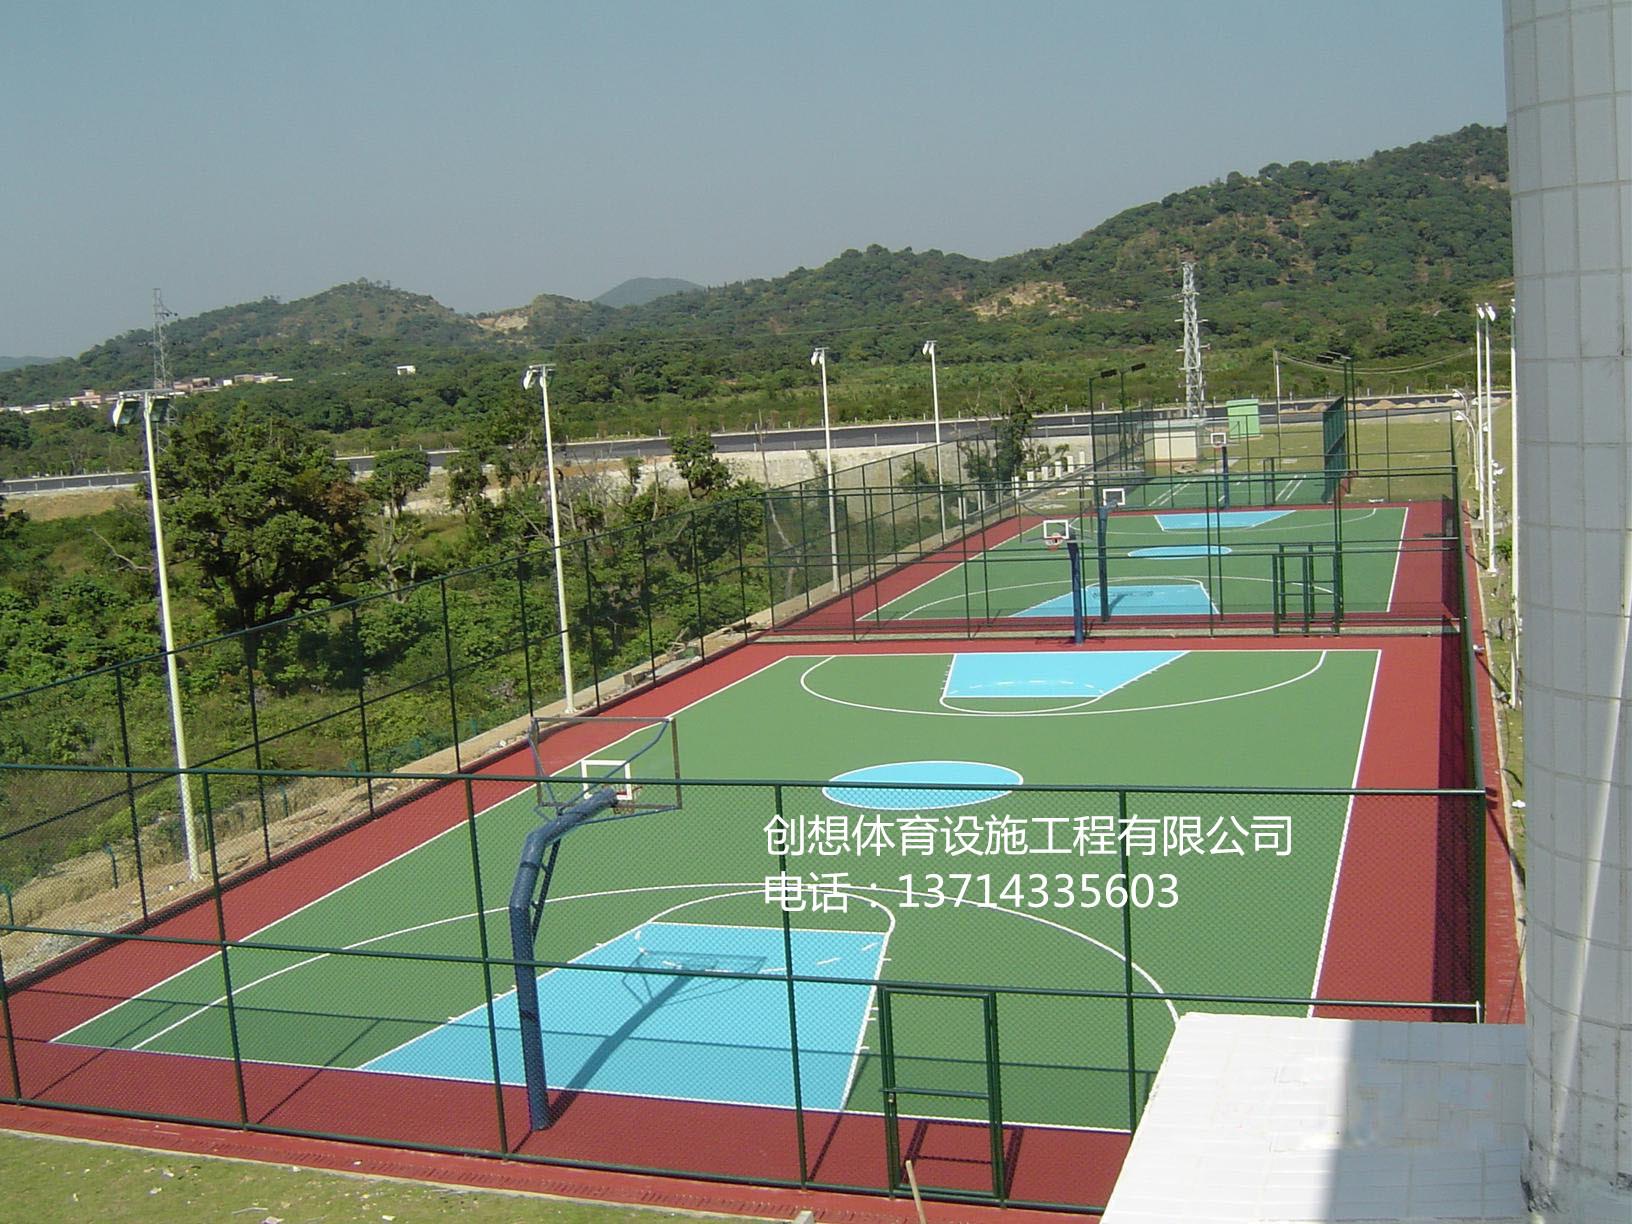 常规产品规格:塑胶篮球场又称全天候运动篮球场,基础层是一个长方形的坚实平面,由聚氨酯预聚体、混合聚醚、废轮胎橡胶、EPDM橡胶粒或PU颗粒、颜料、助剂、填料组成。塑胶篮球场具有平整度好、抗压强度高、硬度弹性适当、物理性能稳定的特性,有利于运动员速度和技术的发挥,有效地提高运动成绩,降低摔伤率。塑胶篮球场是由聚氨酯橡胶等材料组成的,具有一定的弹性和色彩,具有一定的抗紫外线能力和耐老化力是国际上公认的最佳全天候室内外运动场地坪材料。 塑胶篮球场地规格: 奥运会篮球比赛和世界篮球锦标赛的比赛场地长度为28米,宽